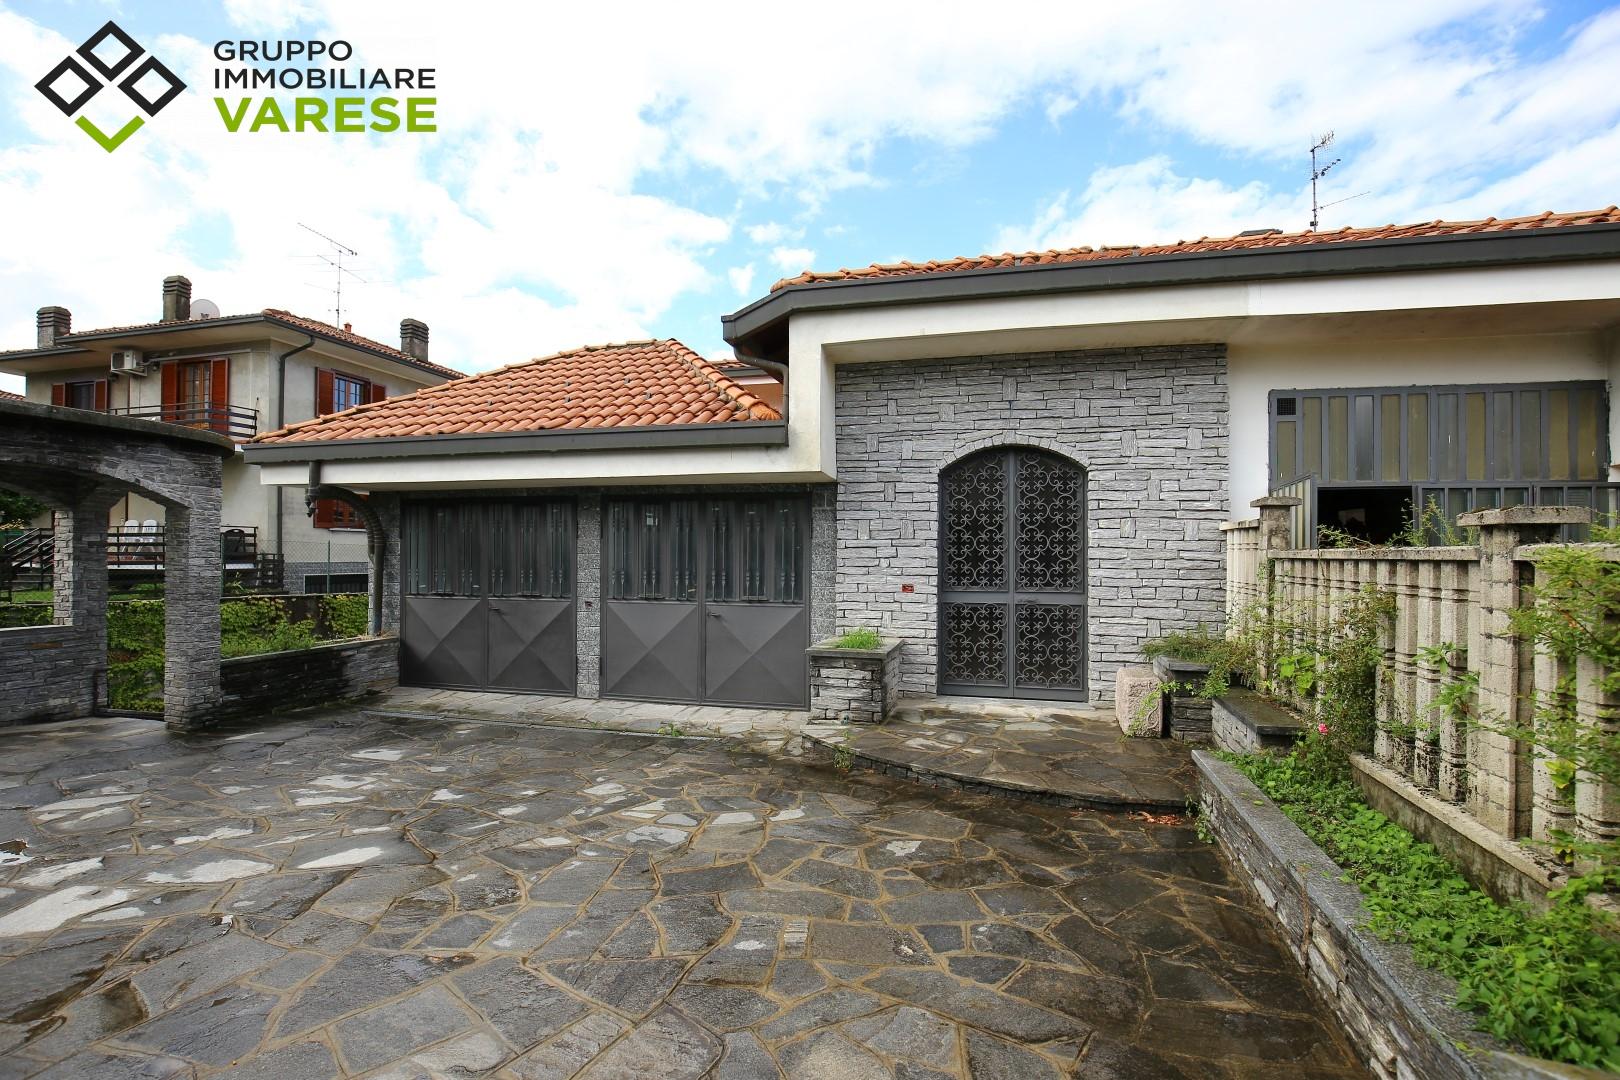 Villa in vendita a Ternate, 8 locali, prezzo € 295.000 | CambioCasa.it